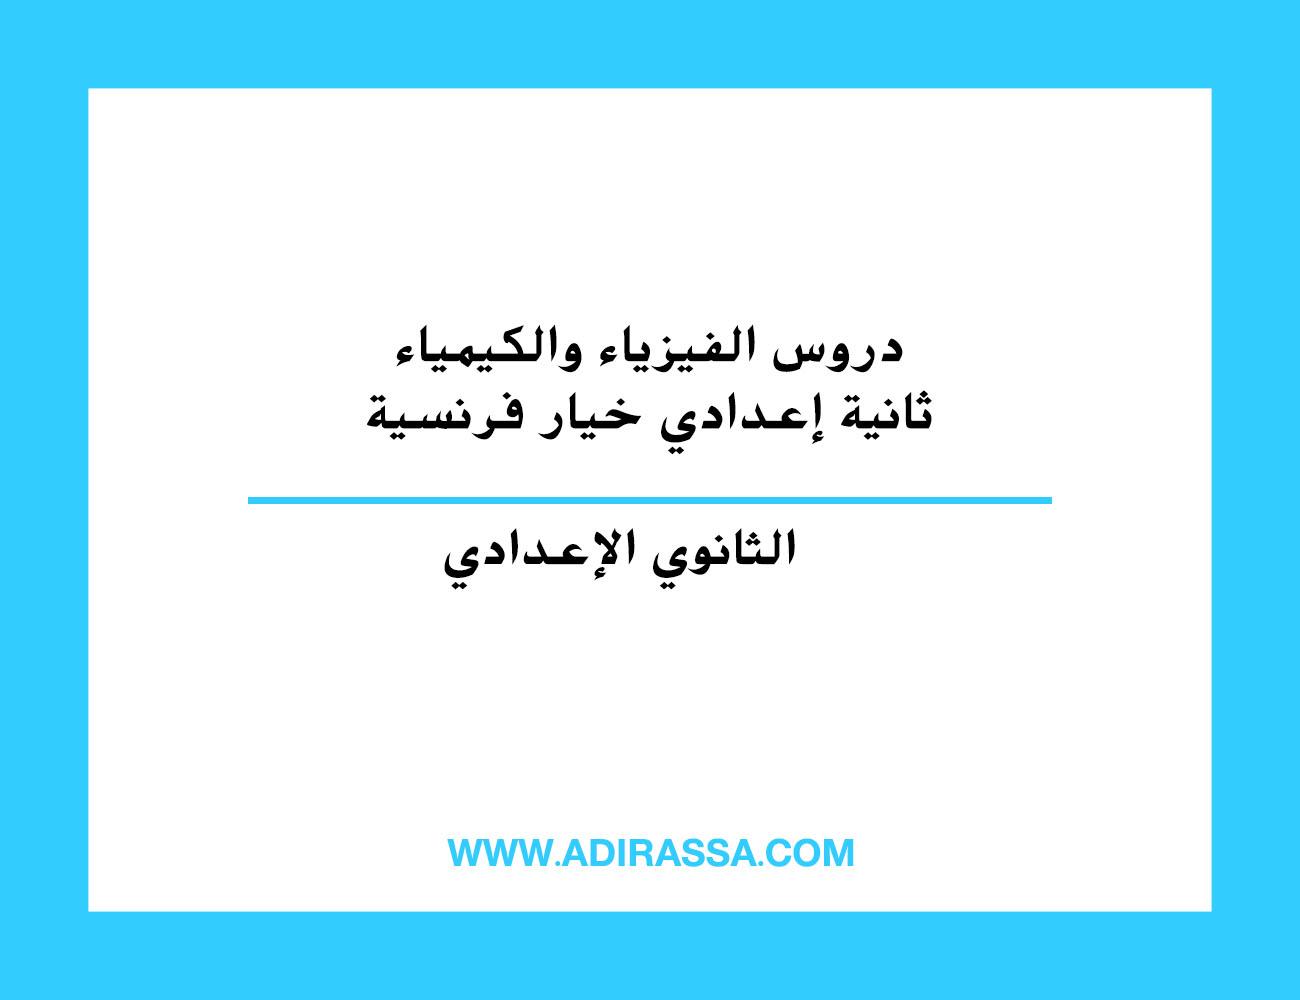 دروس الفيزياء والكيمياء ثانية إعدادي خيار فرنسية المقررة بالمدرسة المغربية